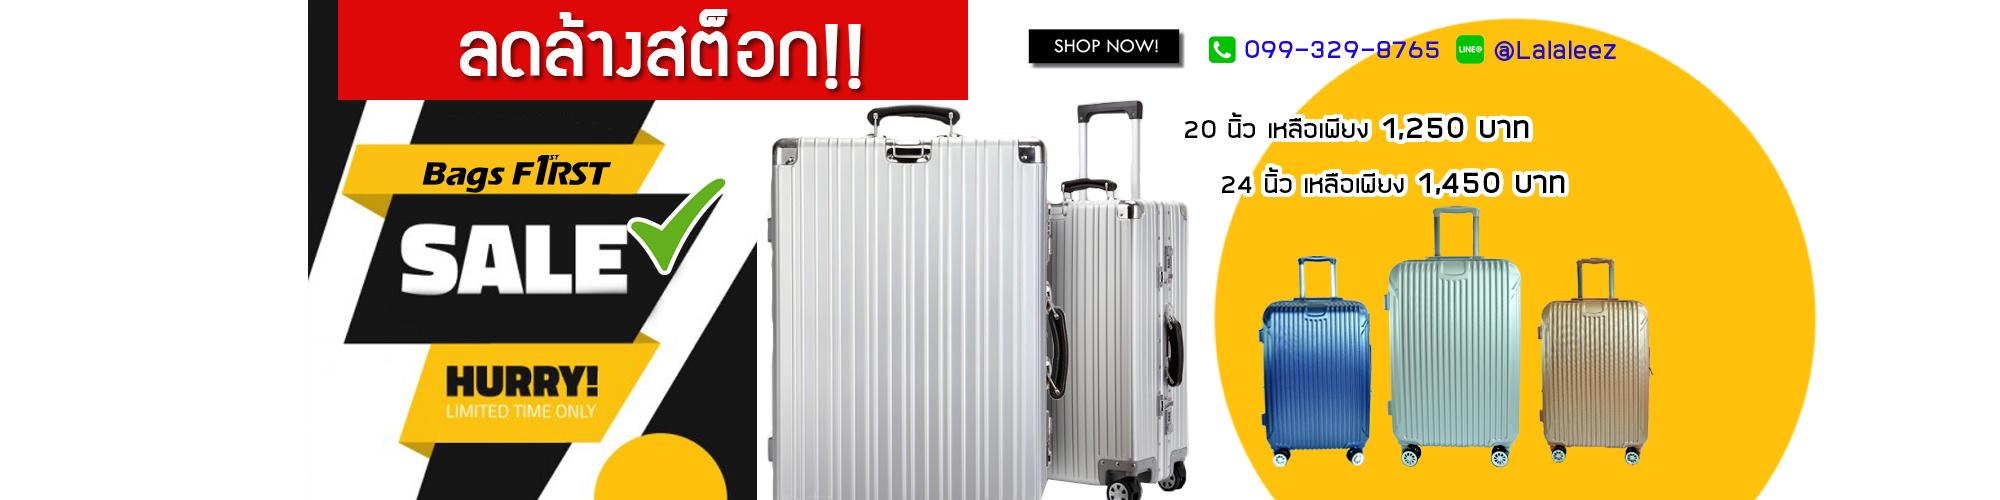 กระเป๋าเดินทาง ราคาถูก